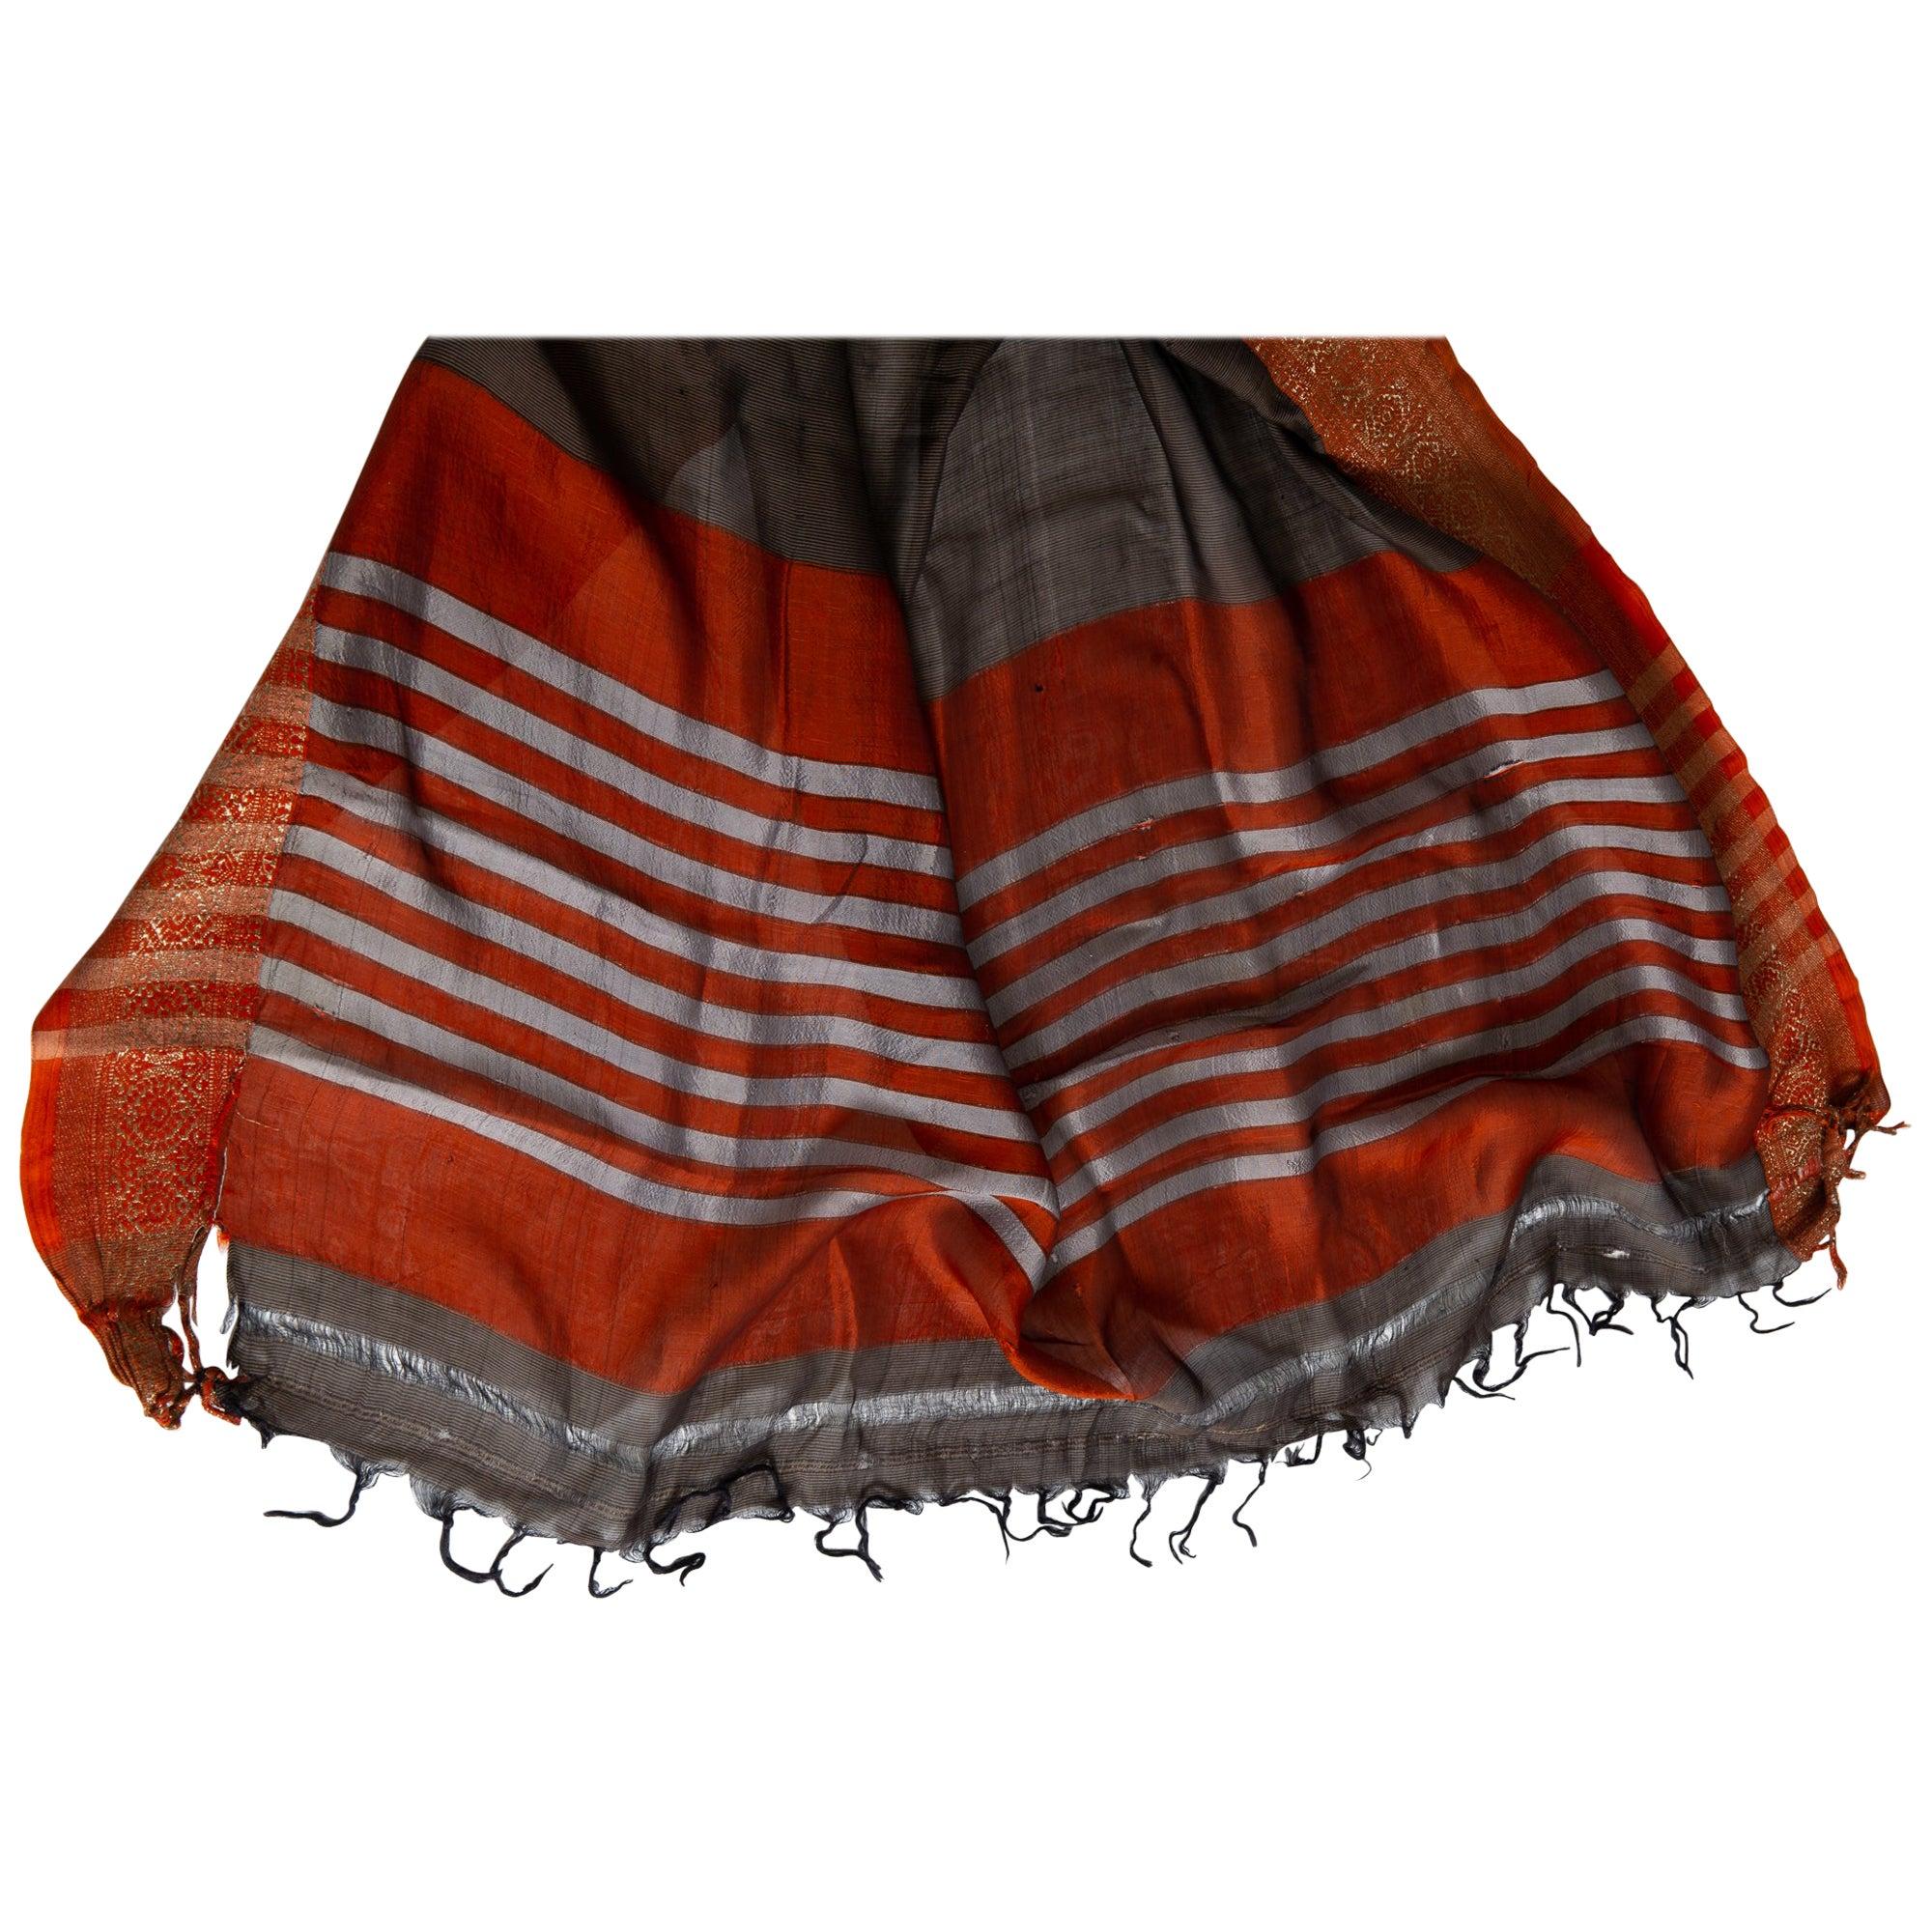 Vintage Indian Sari Brown Color, Brik Red and Gold Border